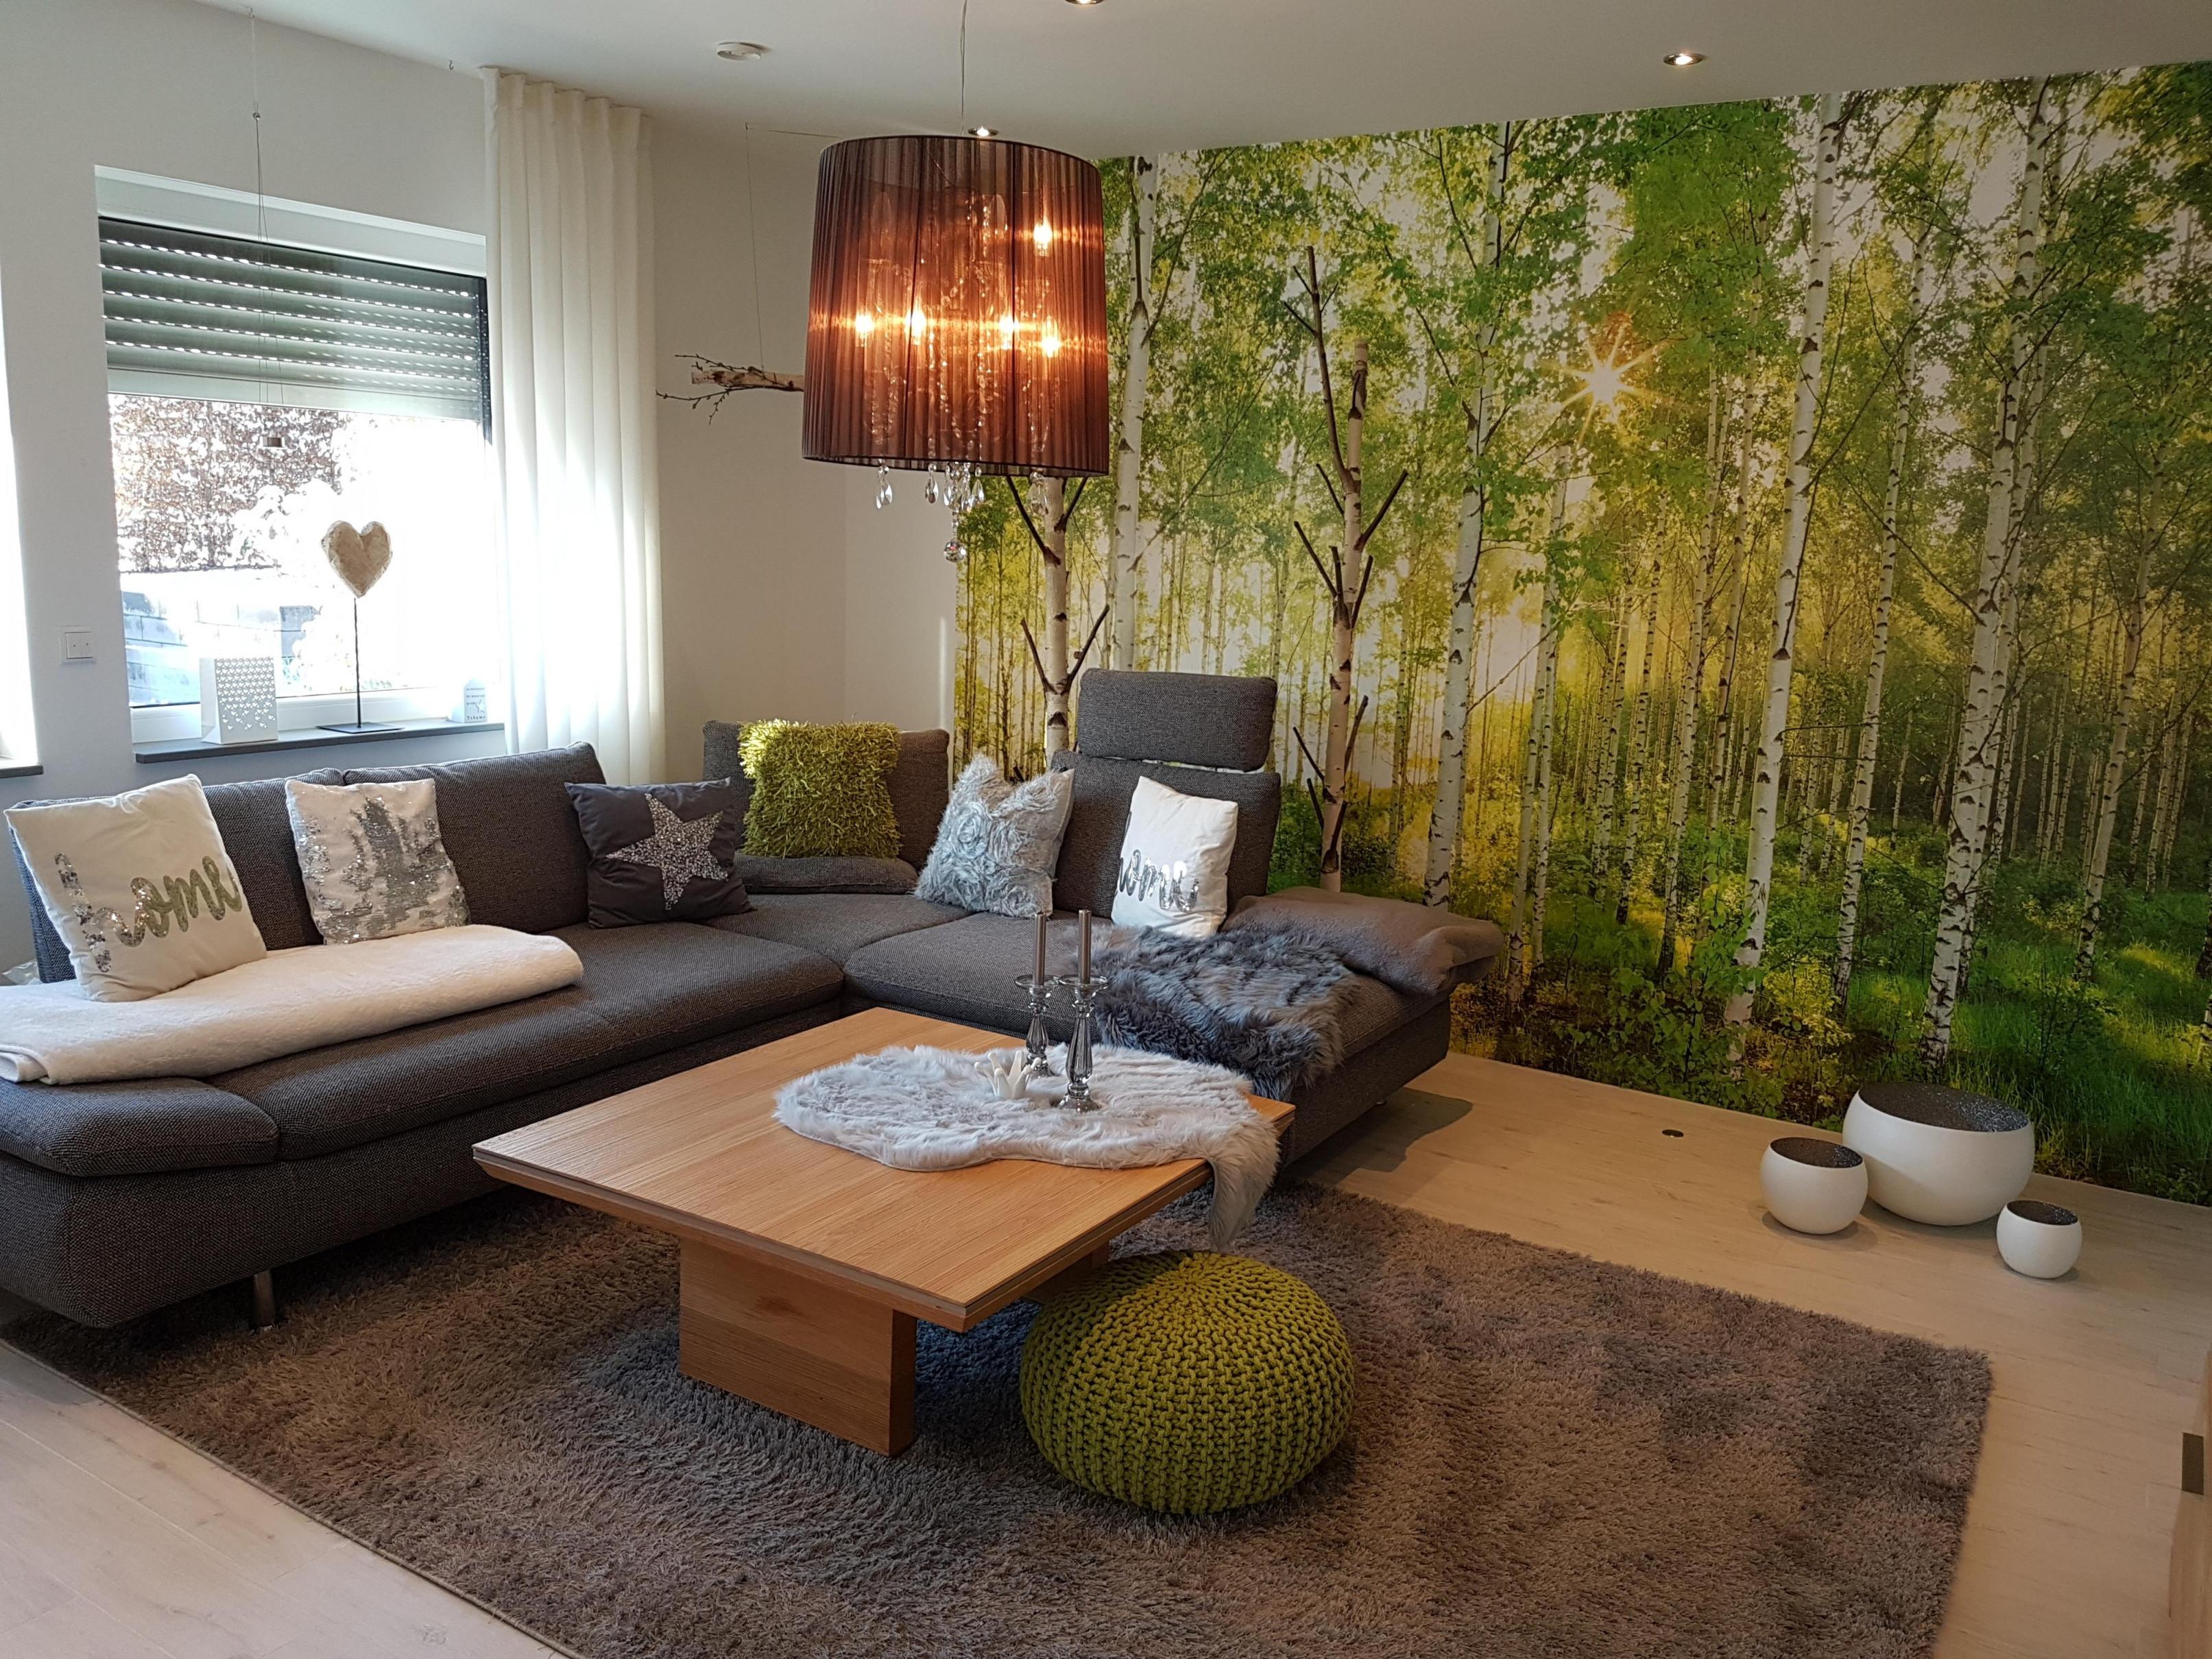 Farben Im Wohnzimmer So Wird's Gemütlich von Wohnzimmer Grau Grün Deko Bild